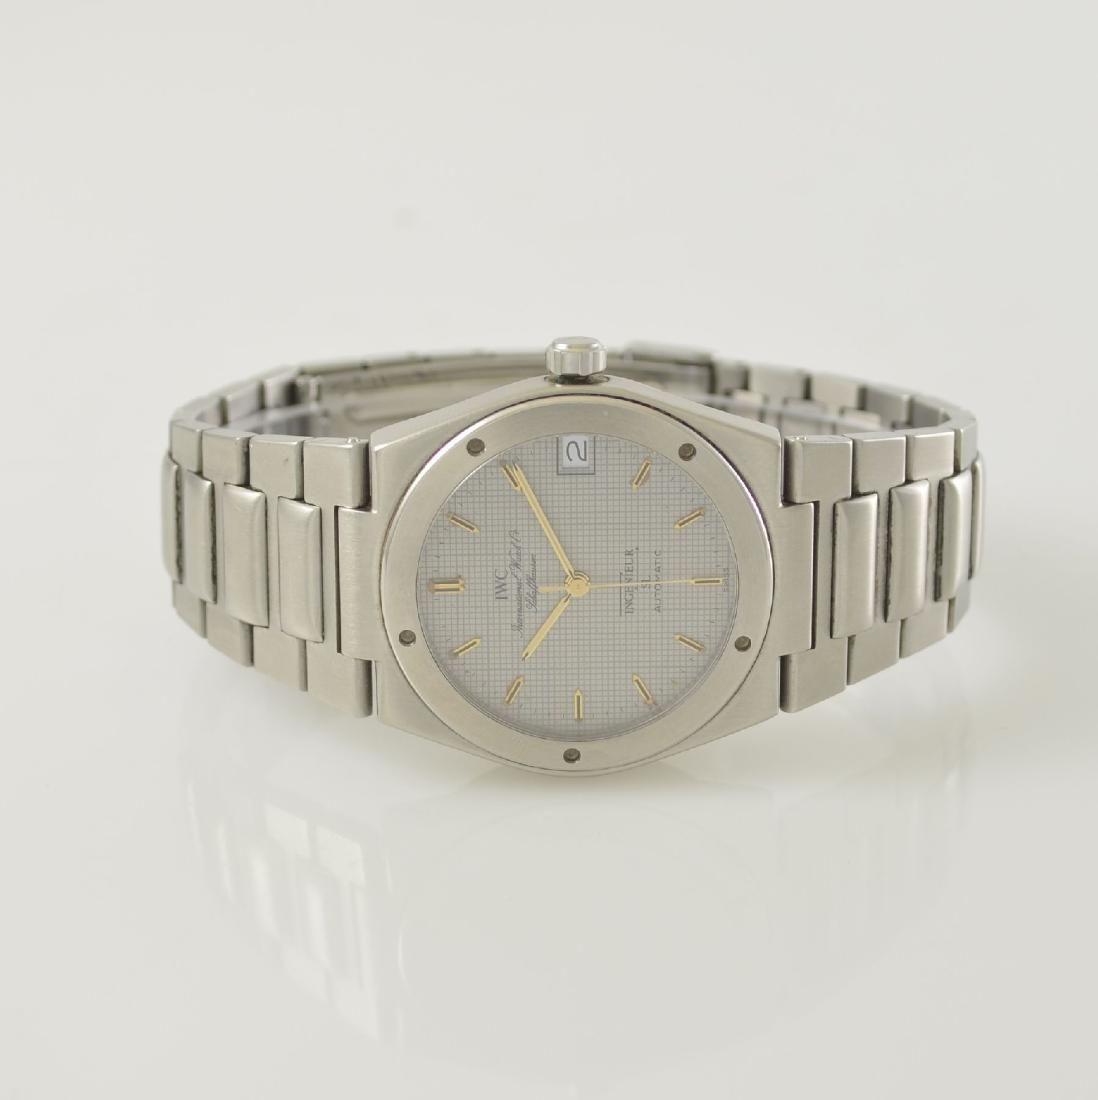 IWC Ingenieur SL reference 3505 gents wristwatch